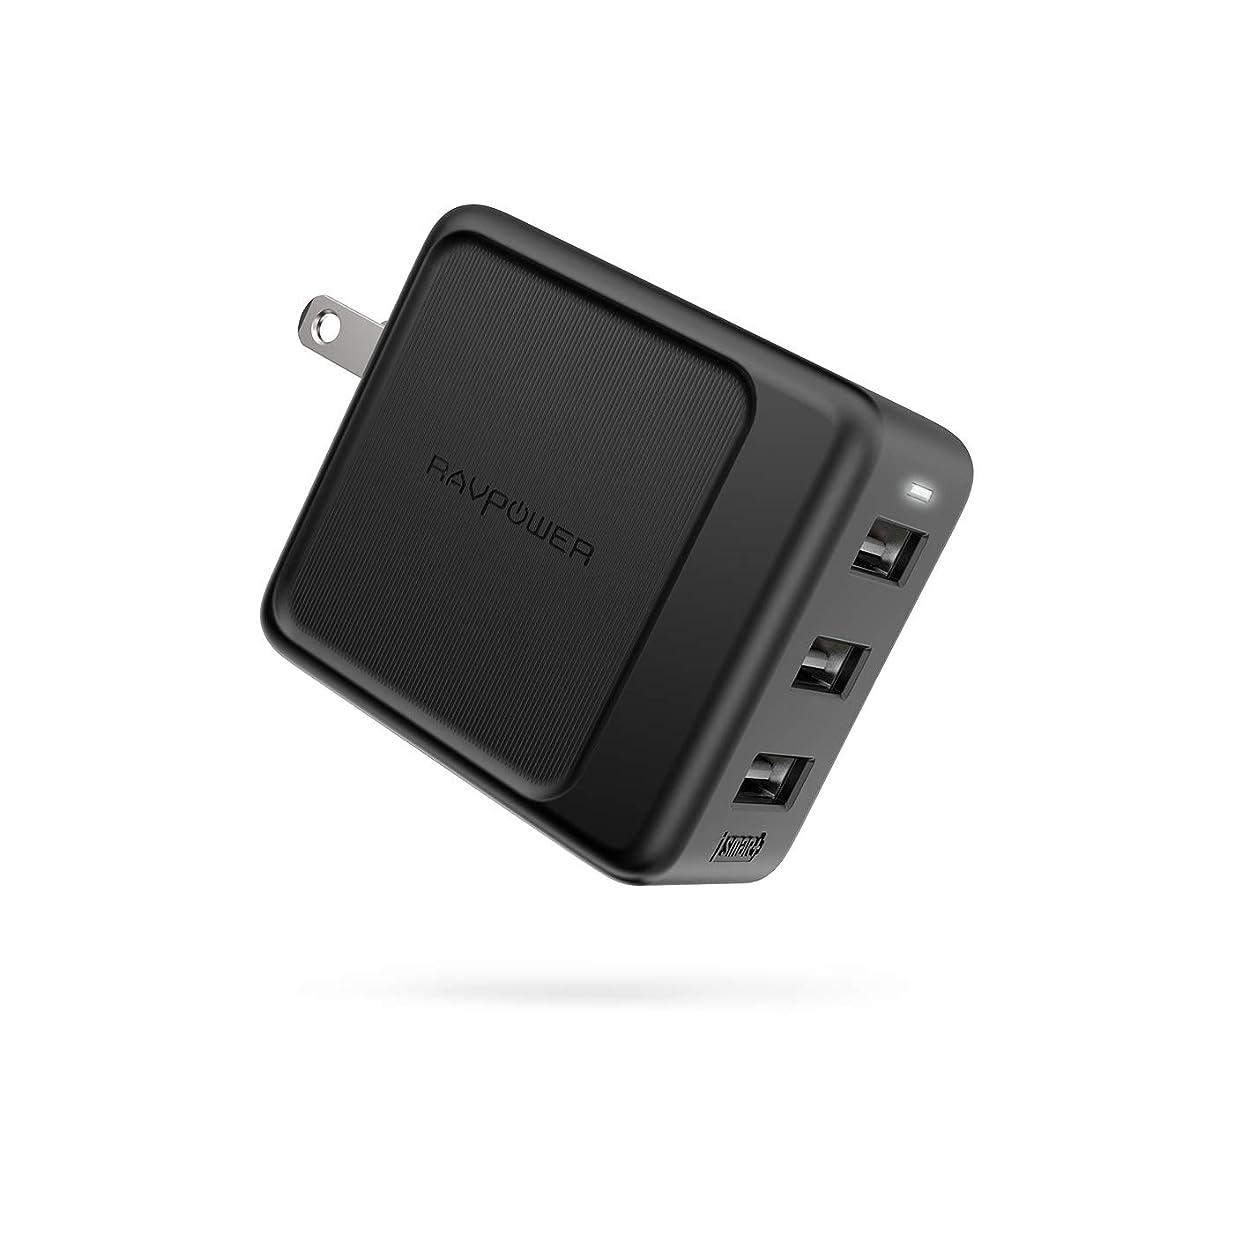 未満親足音RAVPower USB充電器 3ポート 30W【最大出力5V/2.4A/急速充電/折畳式プラグ/小型軽量/PSE認証済】 iPhone/iPad/Android USB機器各種対応 RP-PC094 ブラック